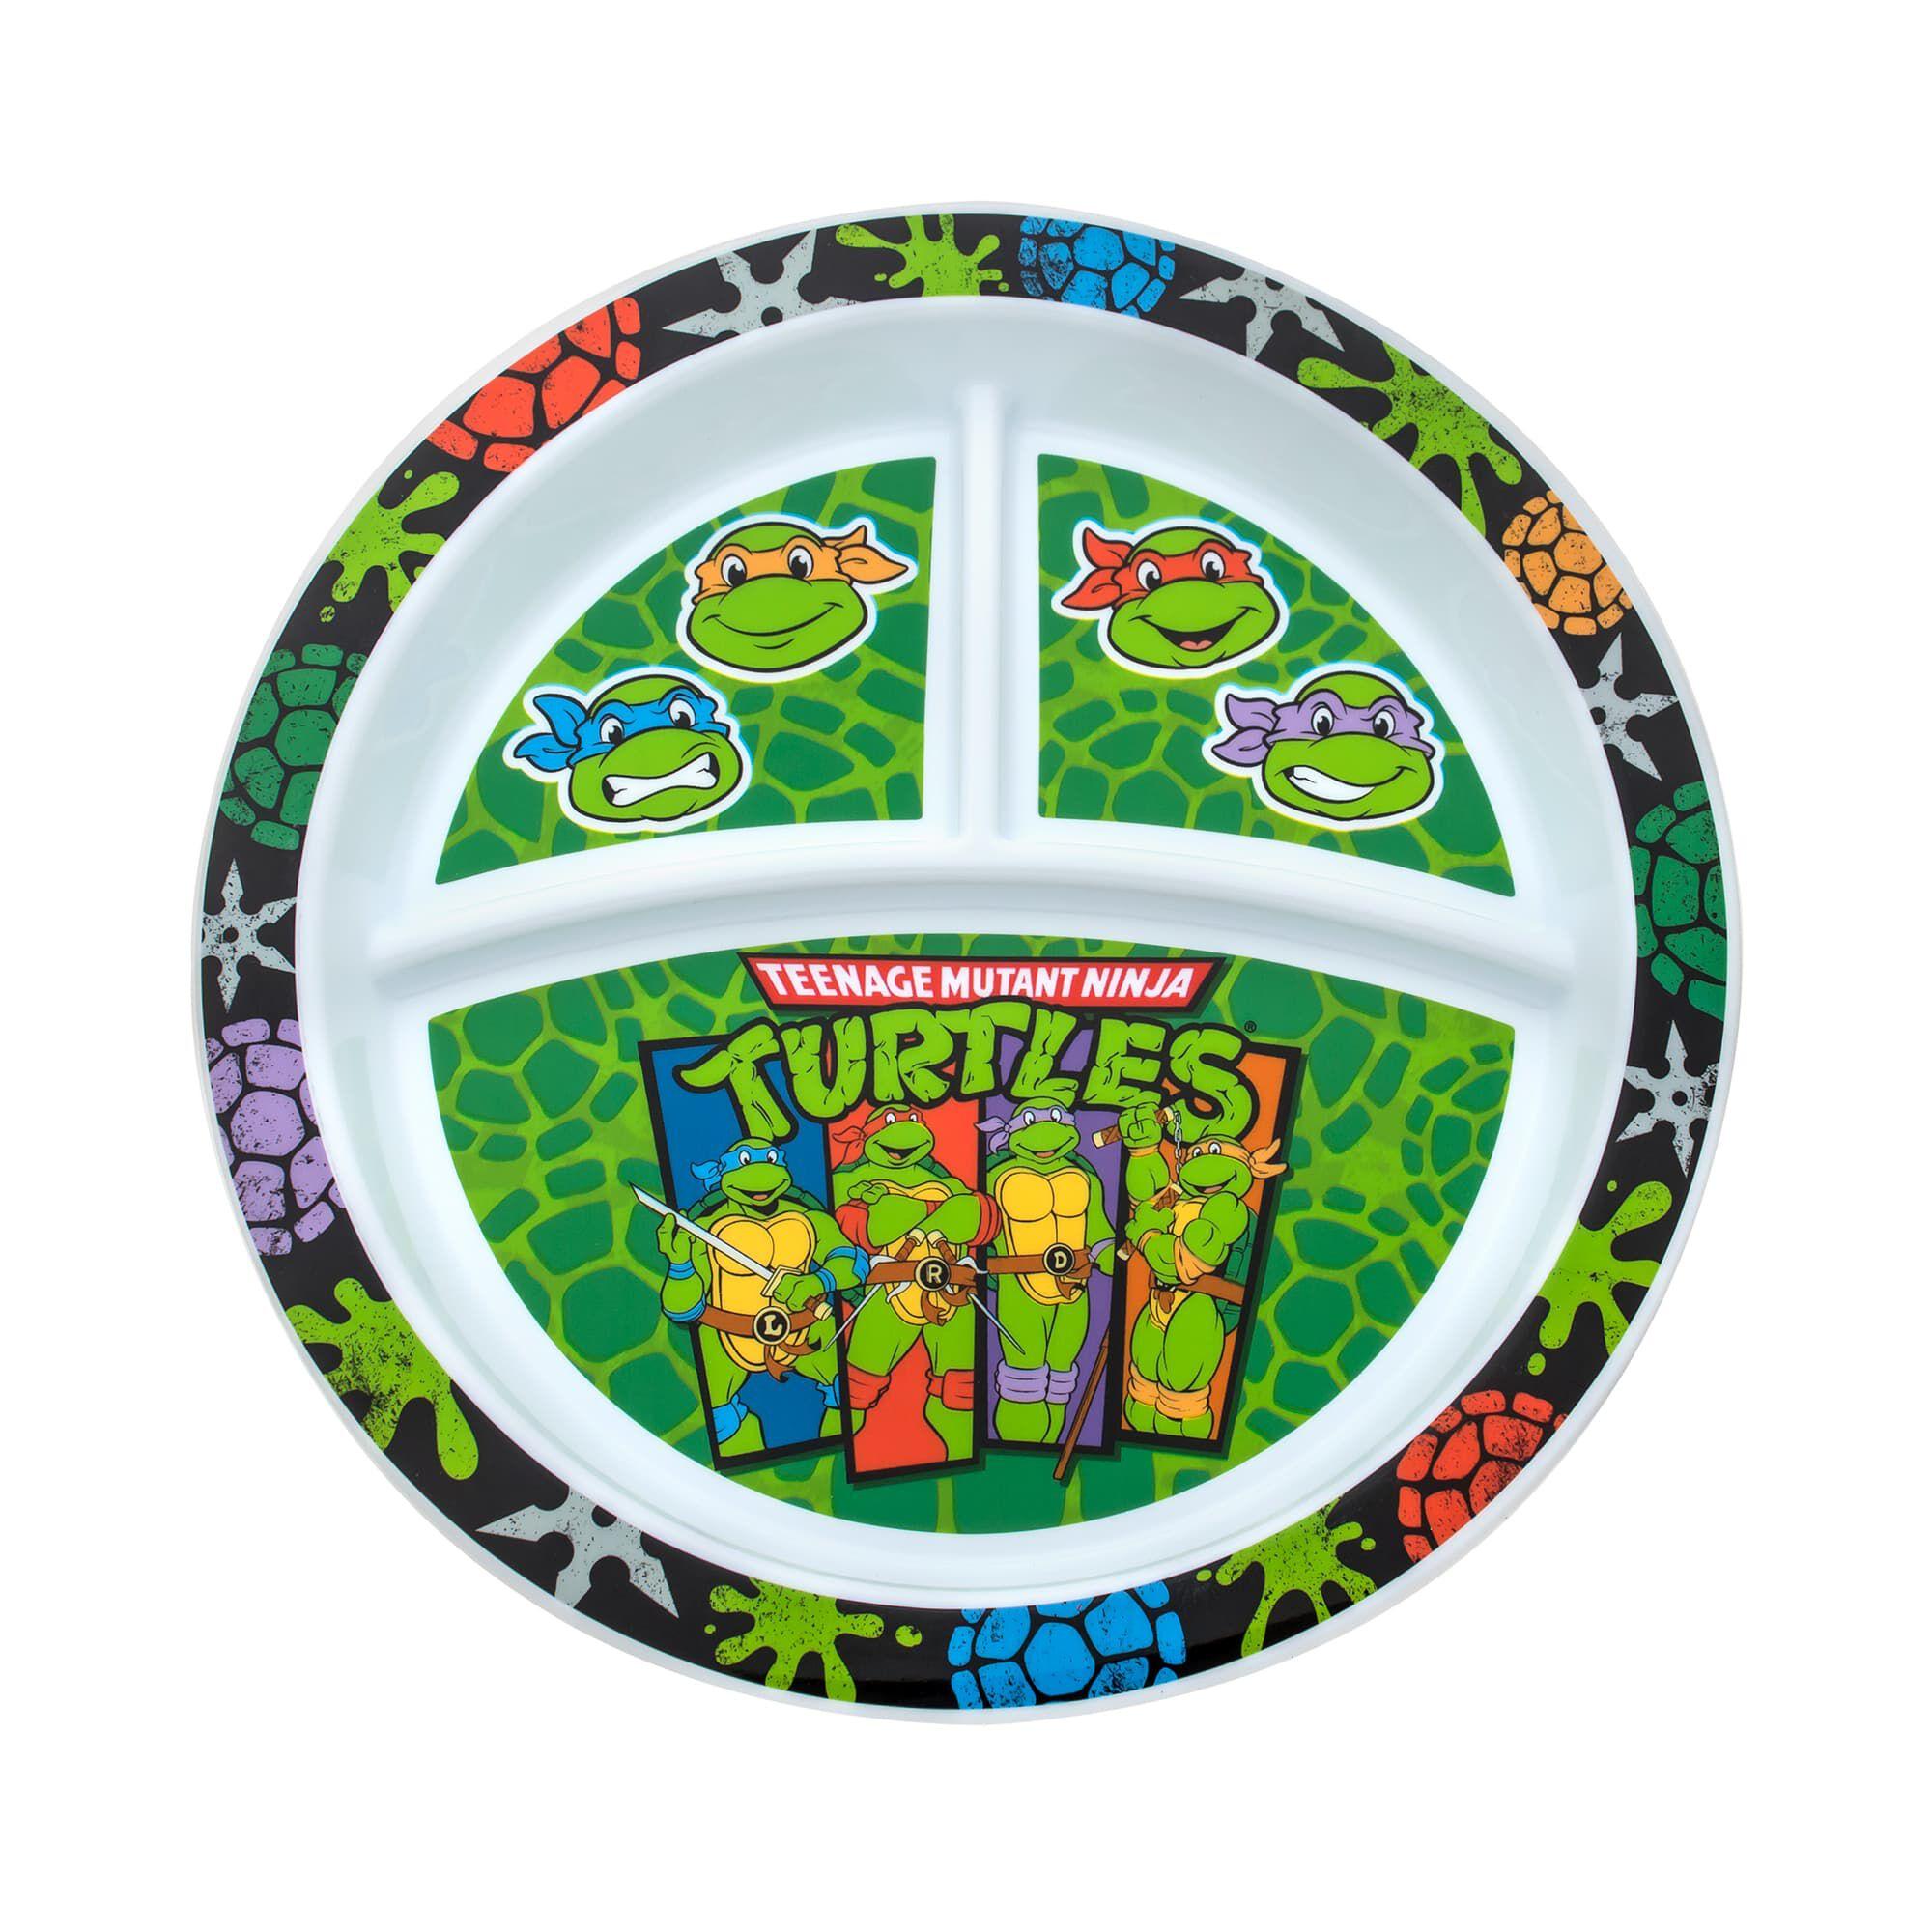 gerber graduates teenage mutant ninja turtles plate 1 pack tableware nuk. Black Bedroom Furniture Sets. Home Design Ideas